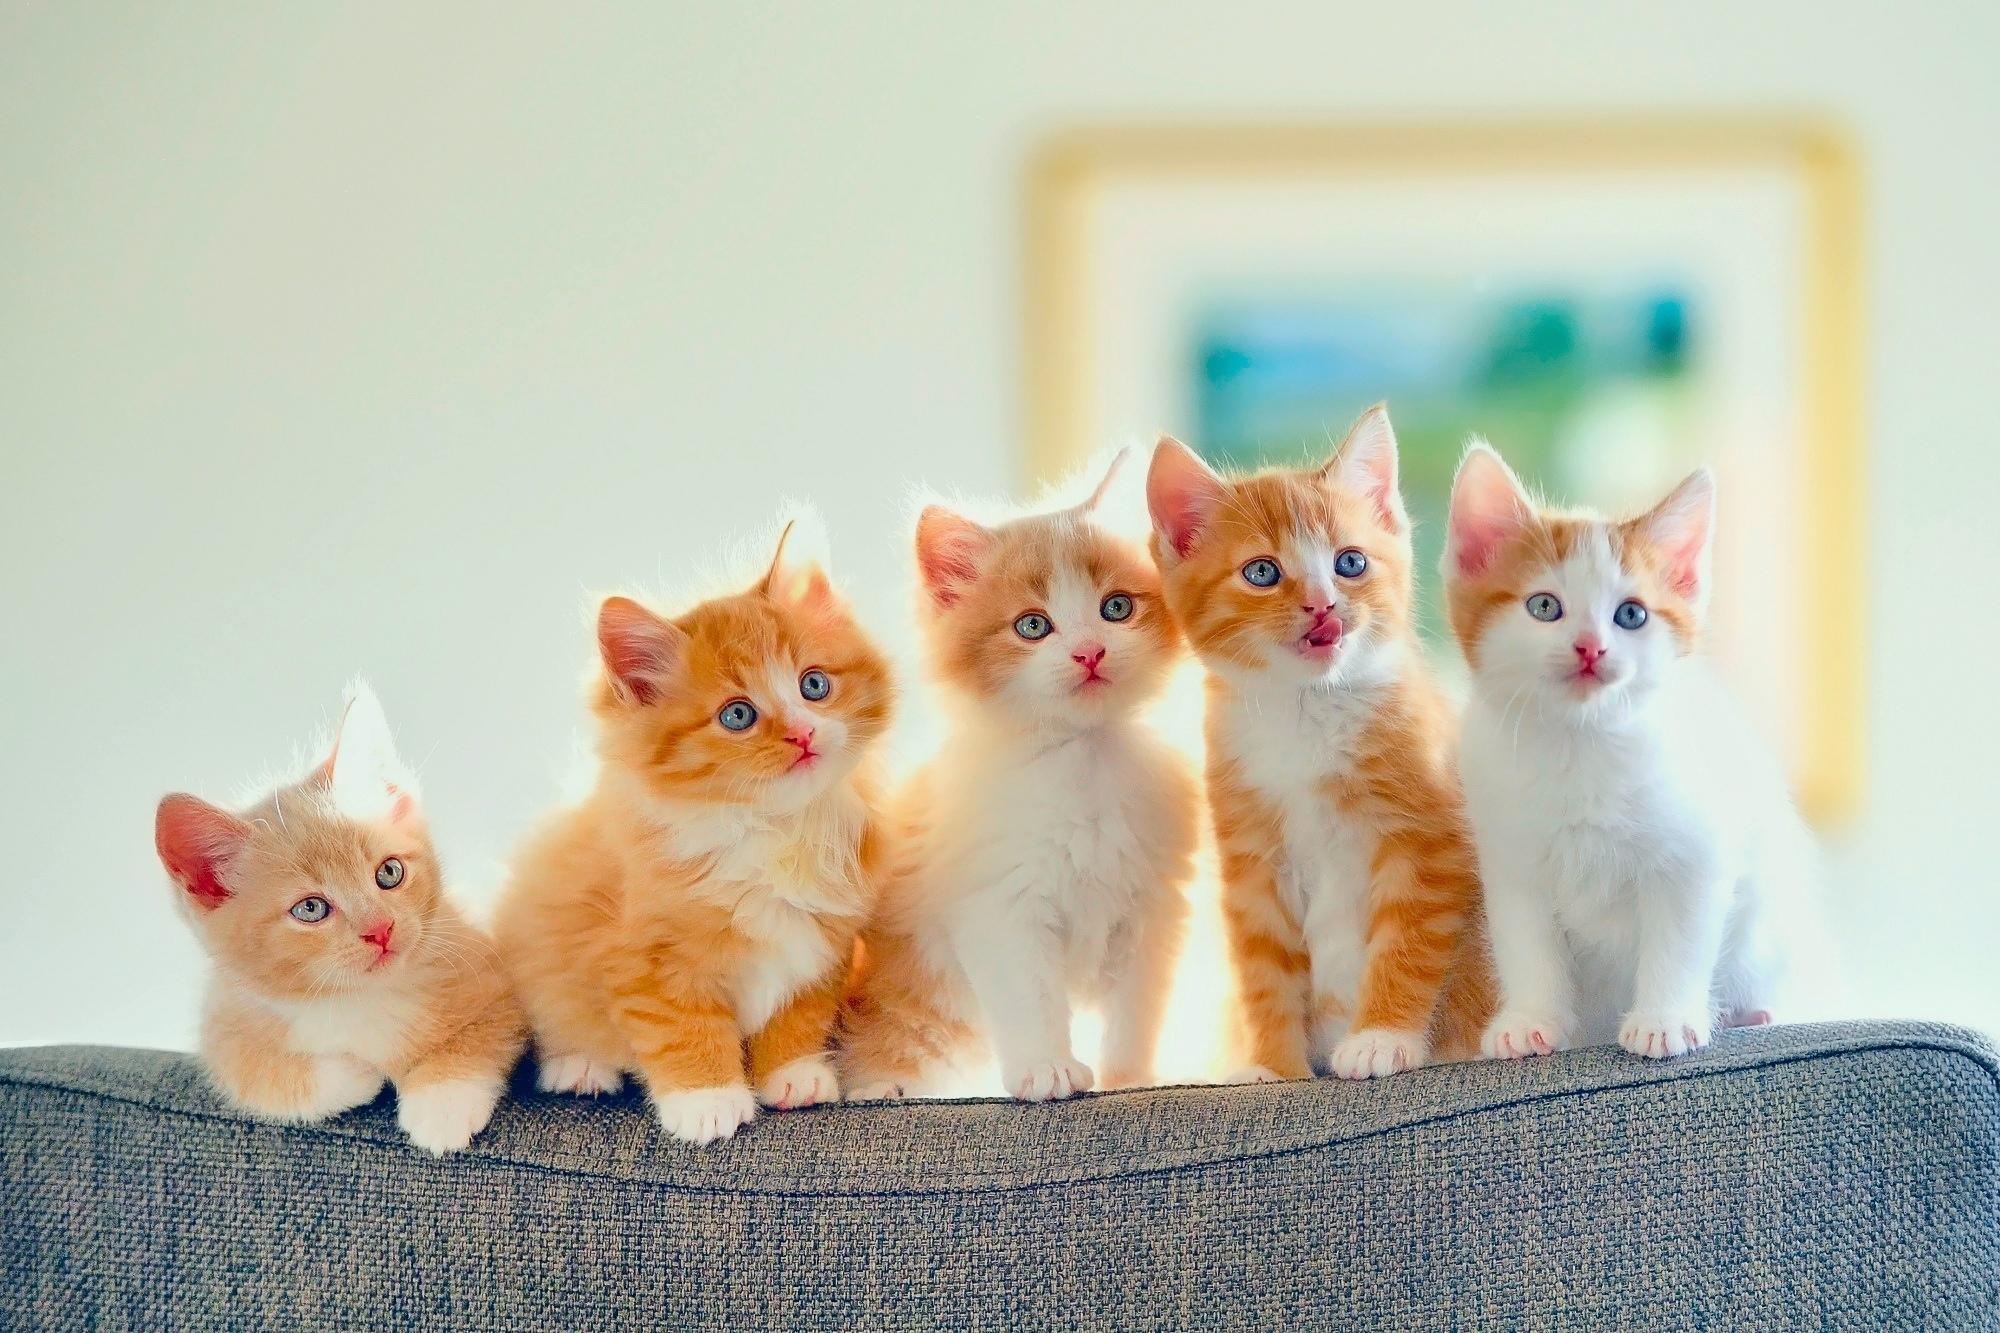 5 Cute Kittens HD Wallpaper